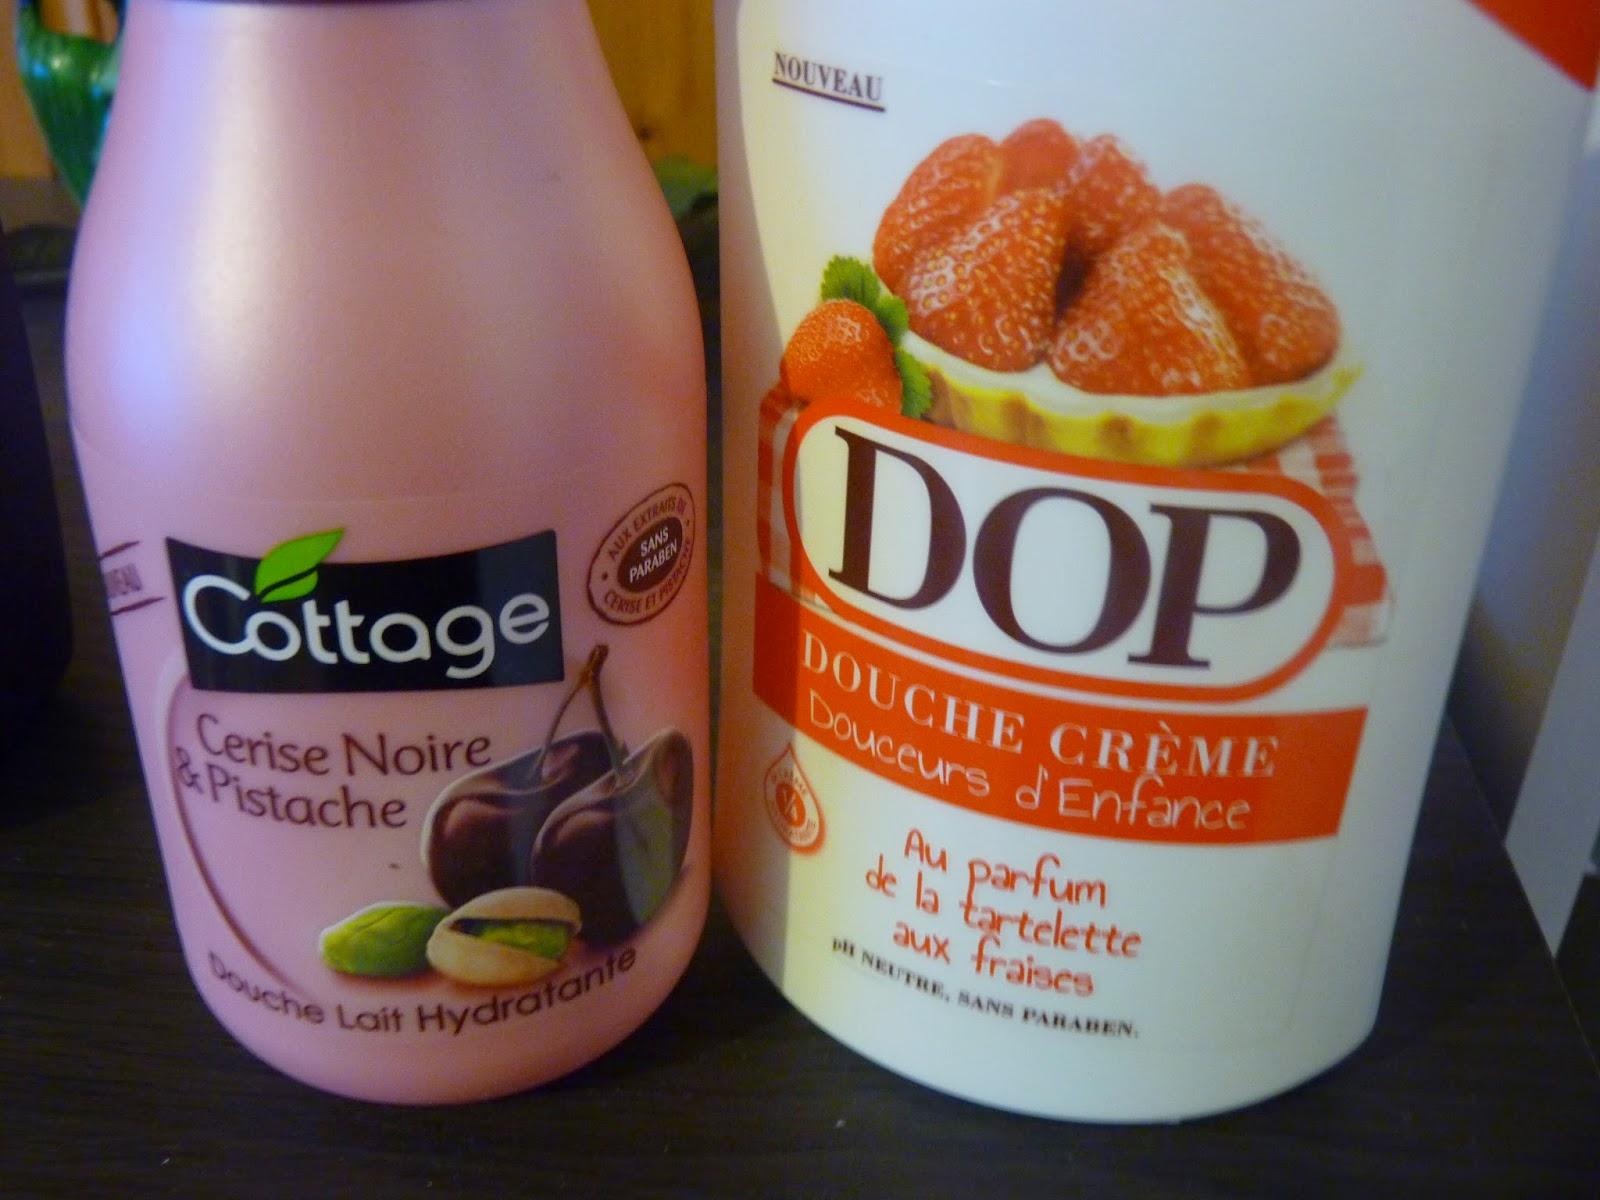 cottage, cerise noire pistache, dop, douche crème, douceur d'enfance, tartelette aux fraises